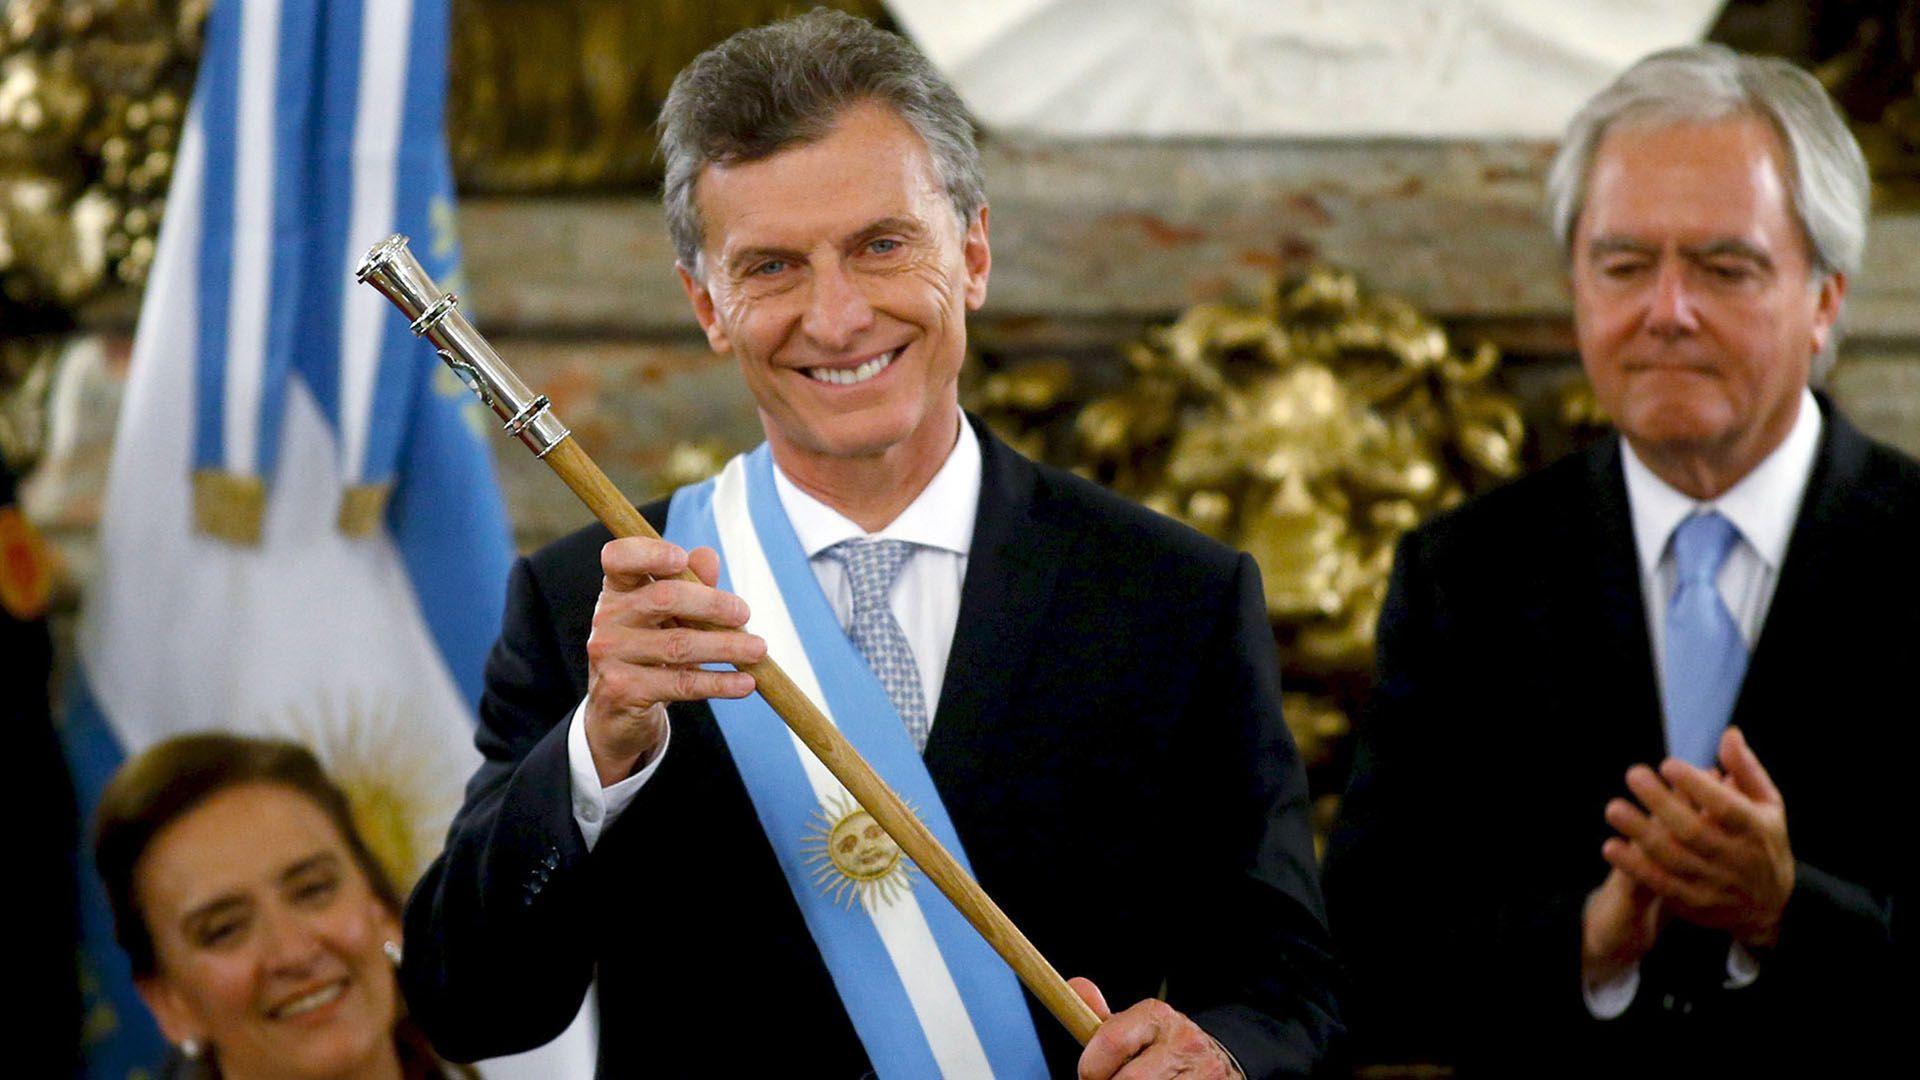 Mauricio Macri tars recibir el bastón y la banda presidenciales de Federico Pinedo en 2015